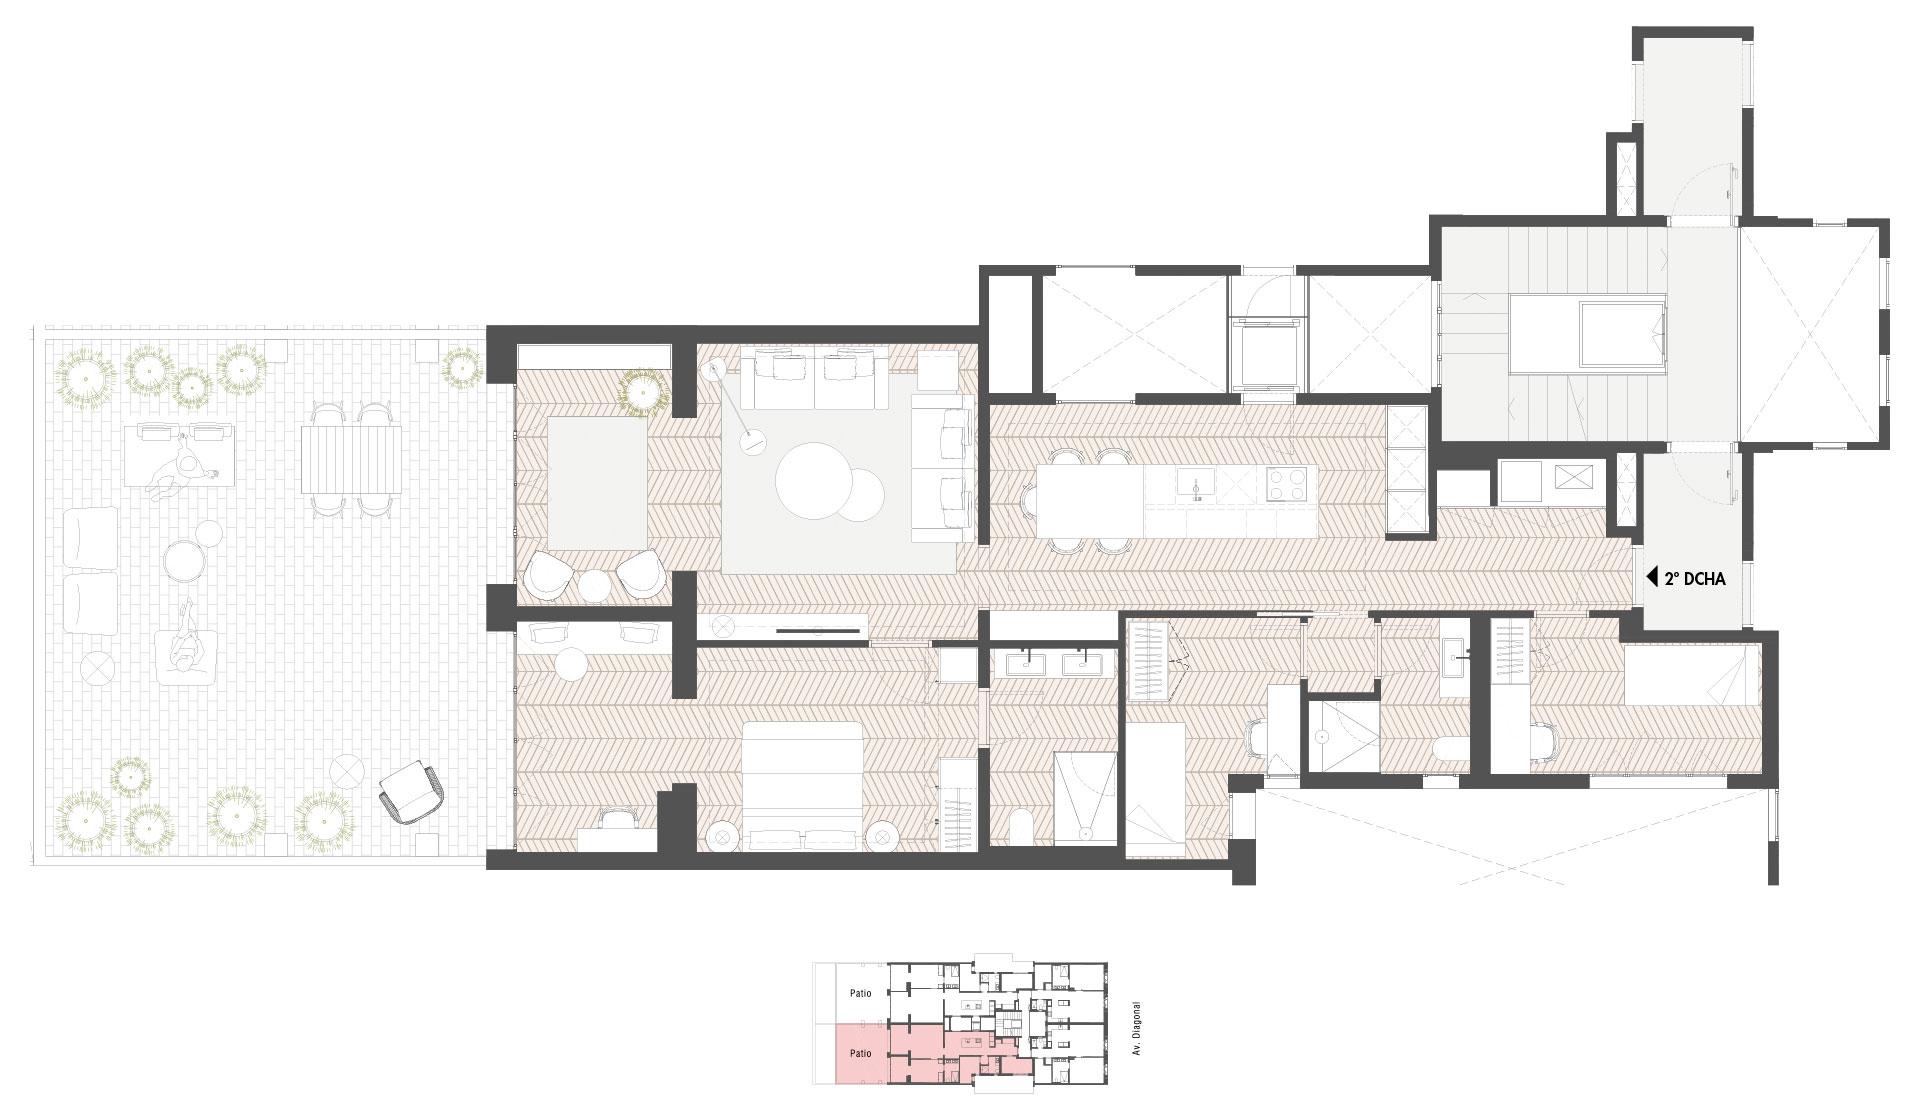 Torre Diagonal 331 - Entresuelo 2 D